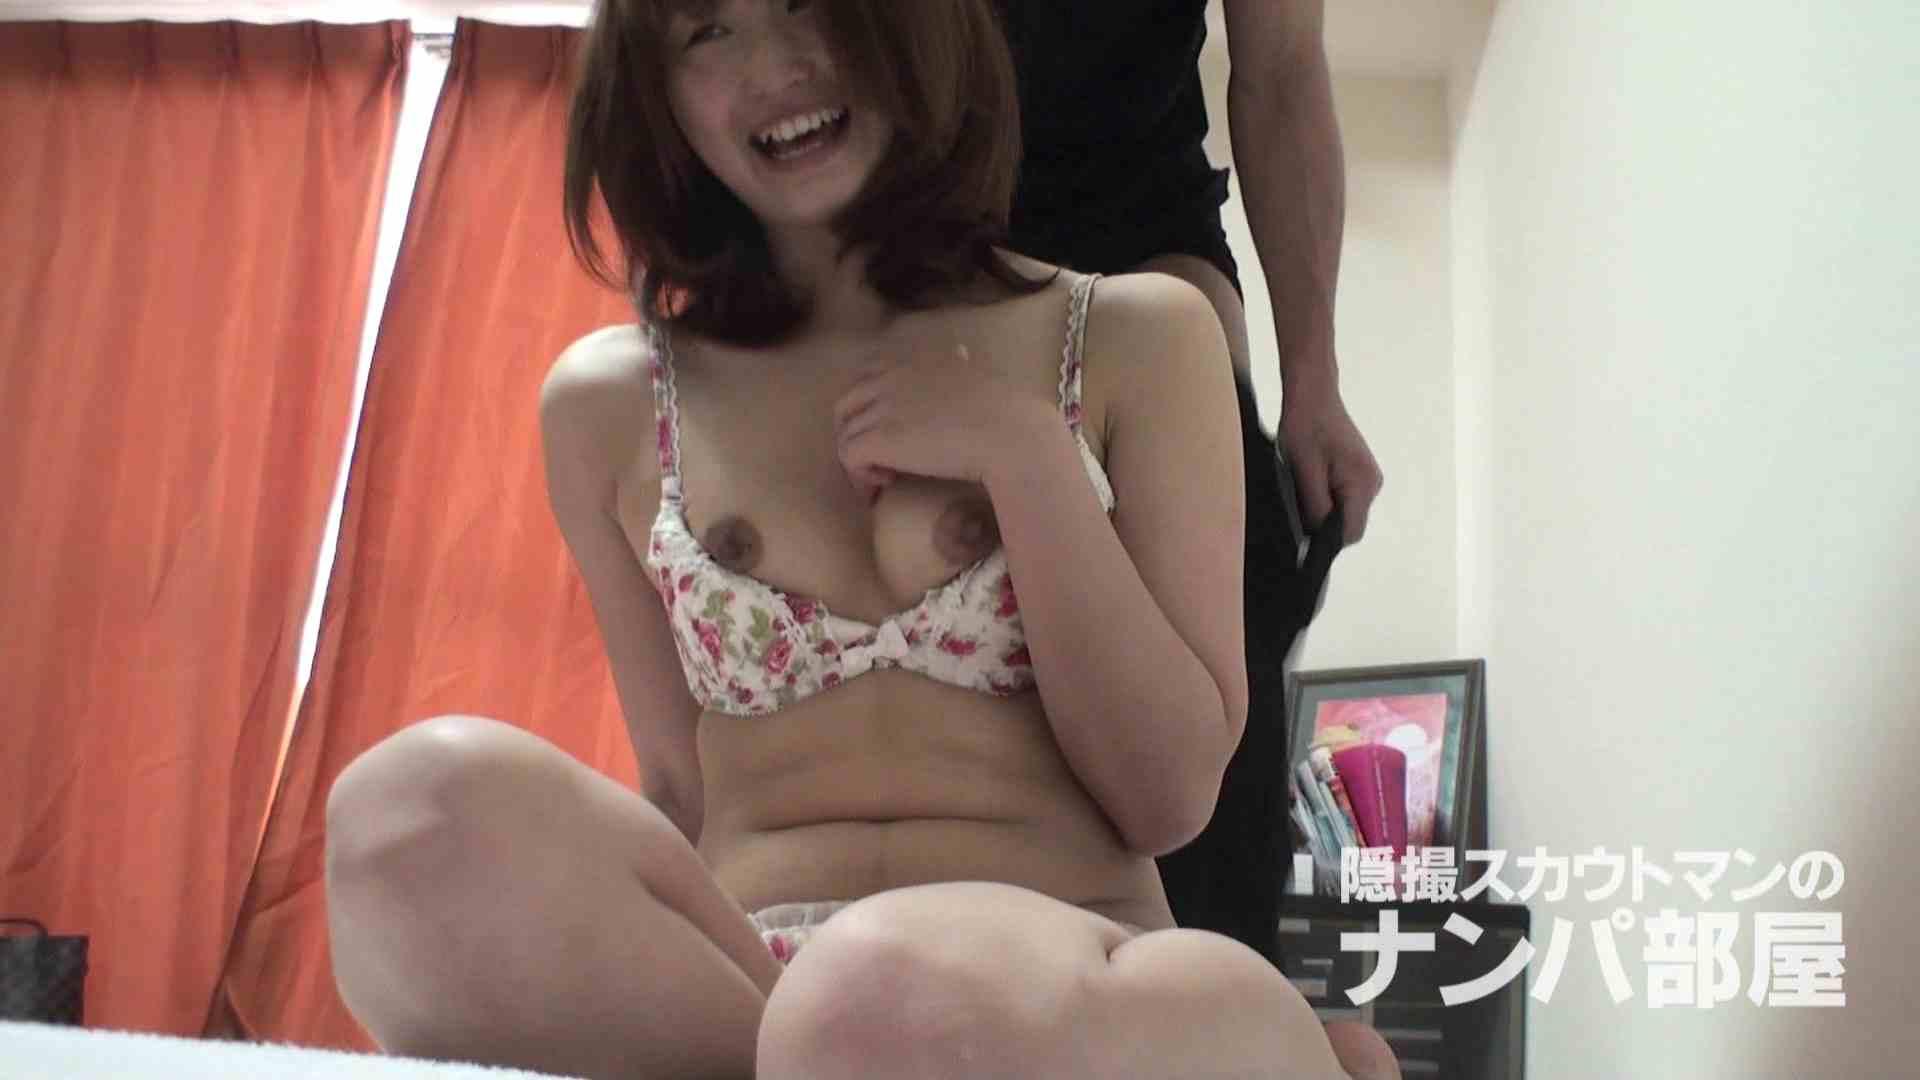 隠撮スカウトマンのナンパ部屋~風俗デビュー前のつまみ食い~ siivol.2 ナンパ  43連発 29